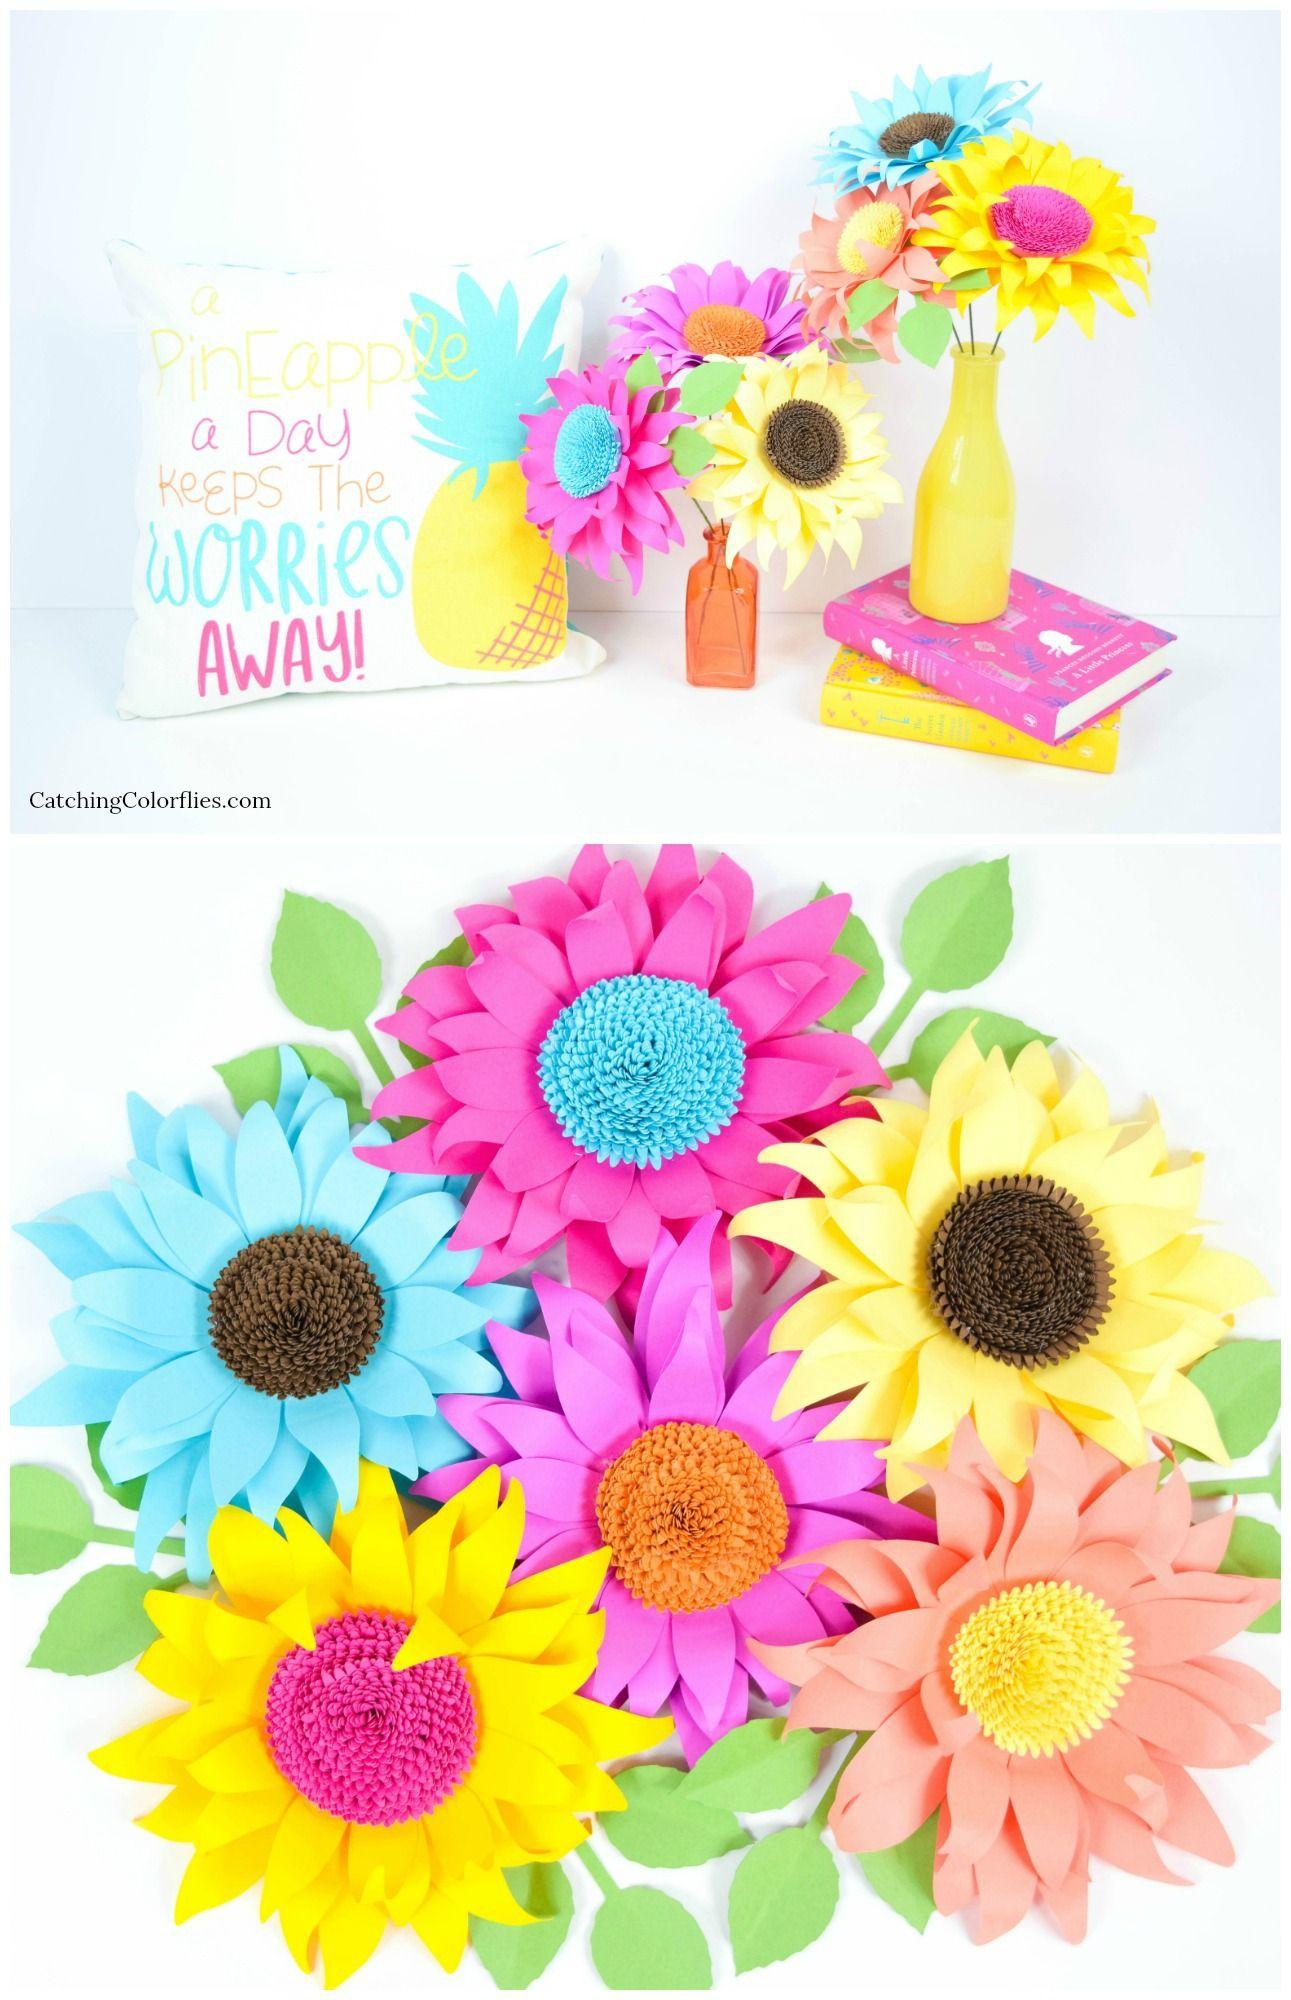 Sunflower Paper Flower Template - Small | Pinterest | Sunflowers ...